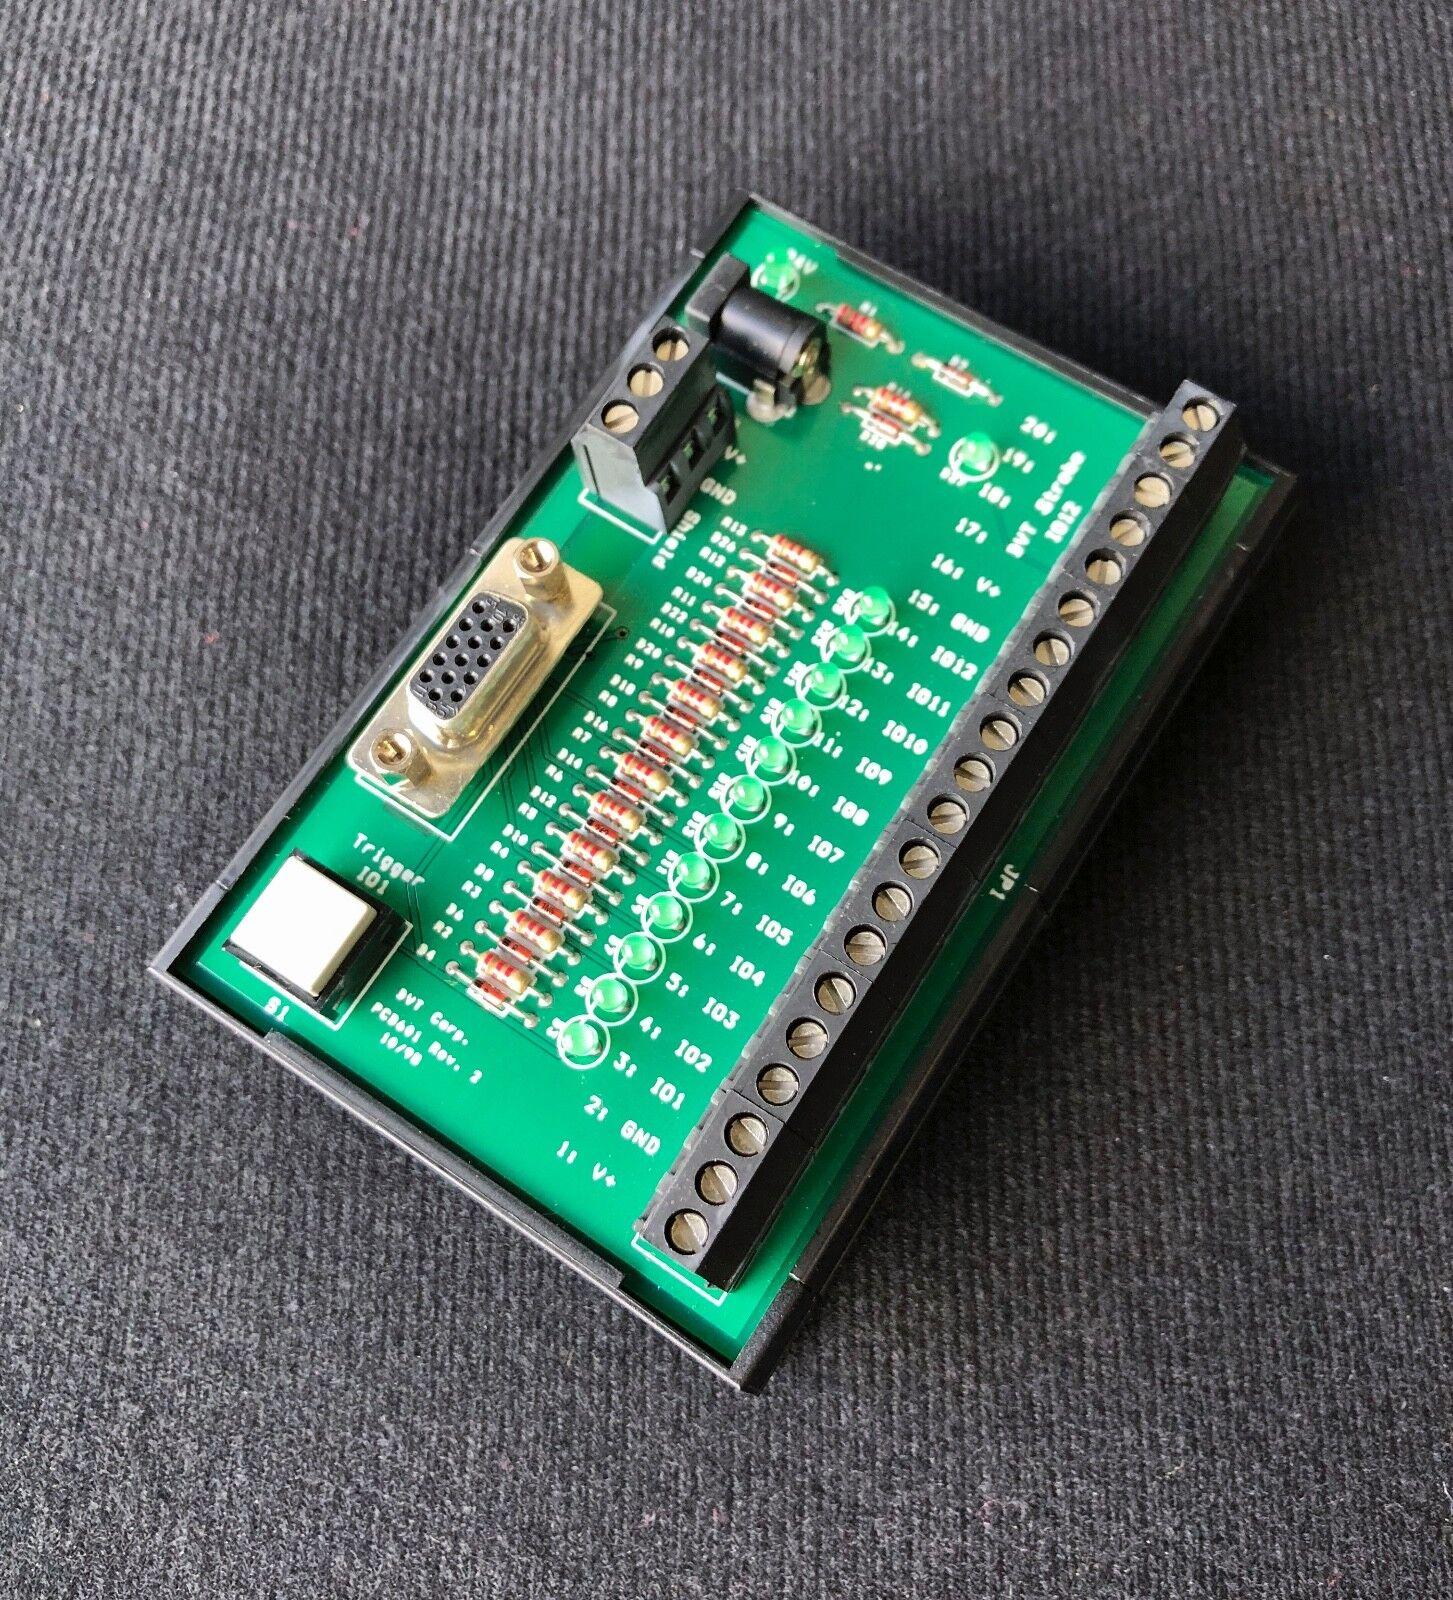 DVT PCB601 Rev 2 5601696 Break Out Board- CON-600 - Brand New